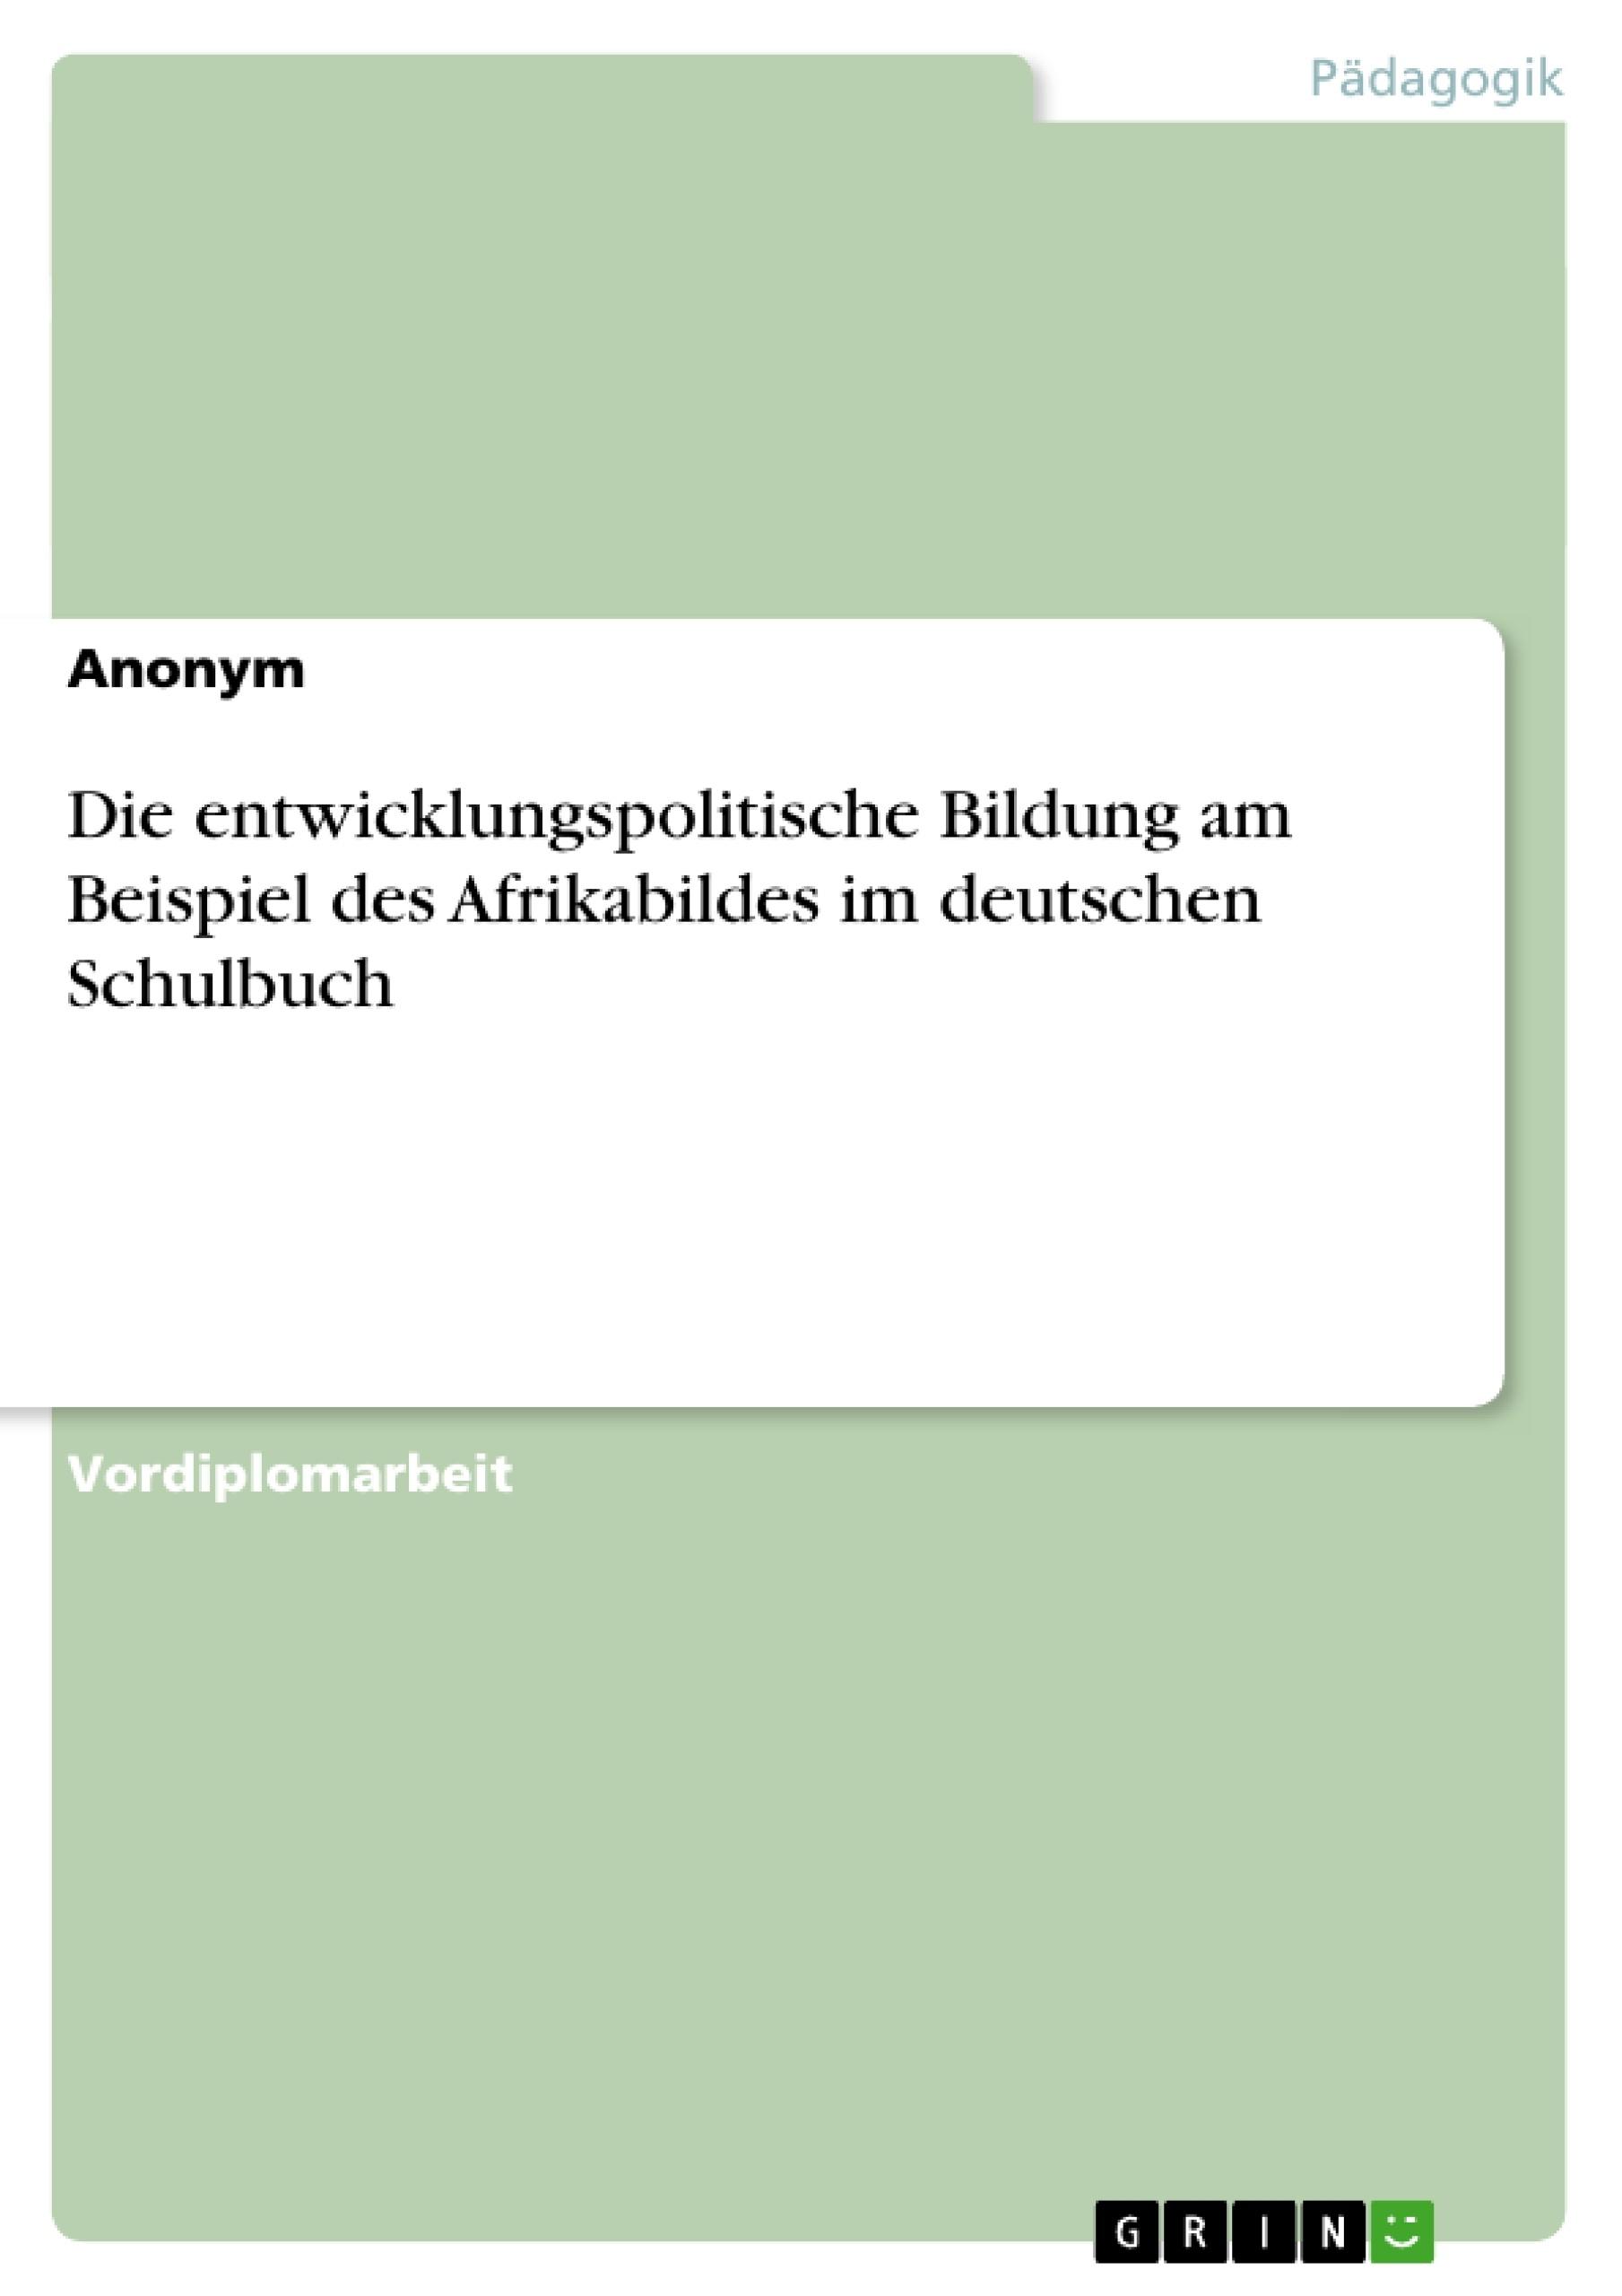 Titel: Die entwicklungspolitische Bildung am Beispiel des Afrikabildes im deutschen Schulbuch